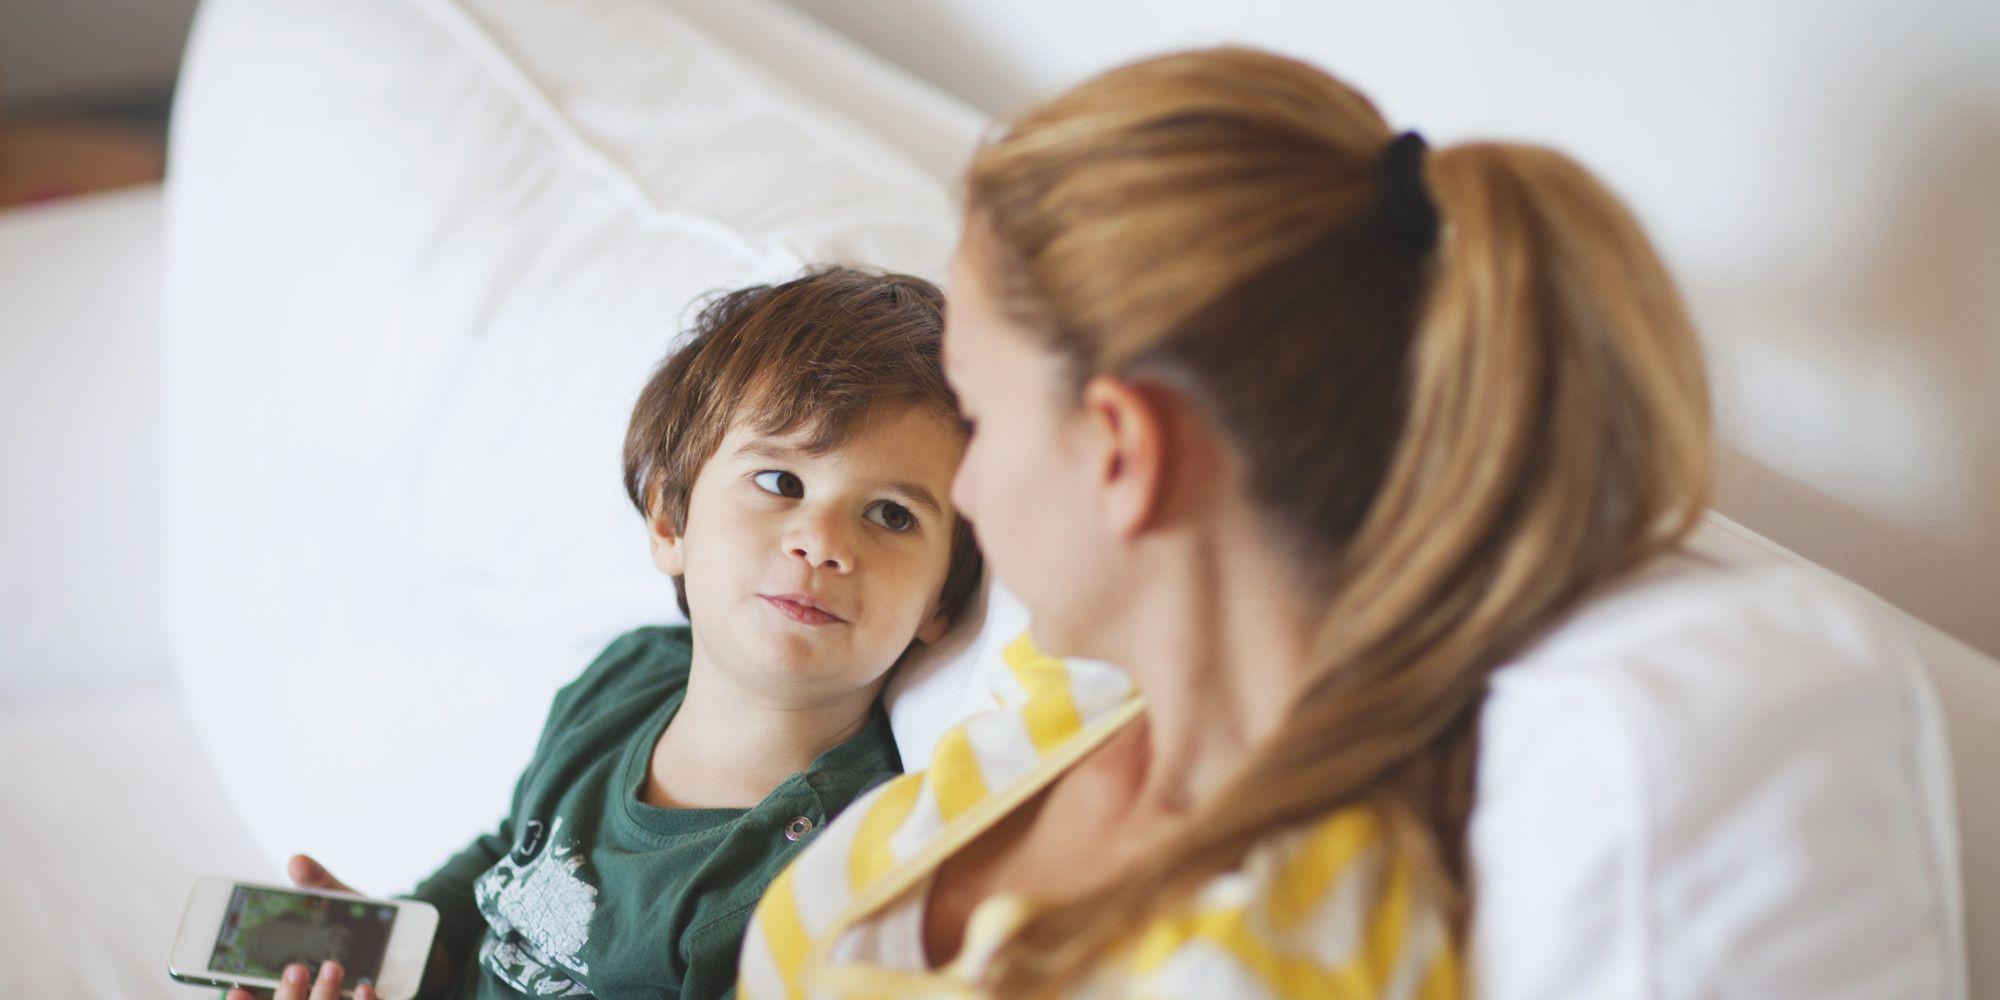 Разговоры с детьми помогли их мозгу развиться